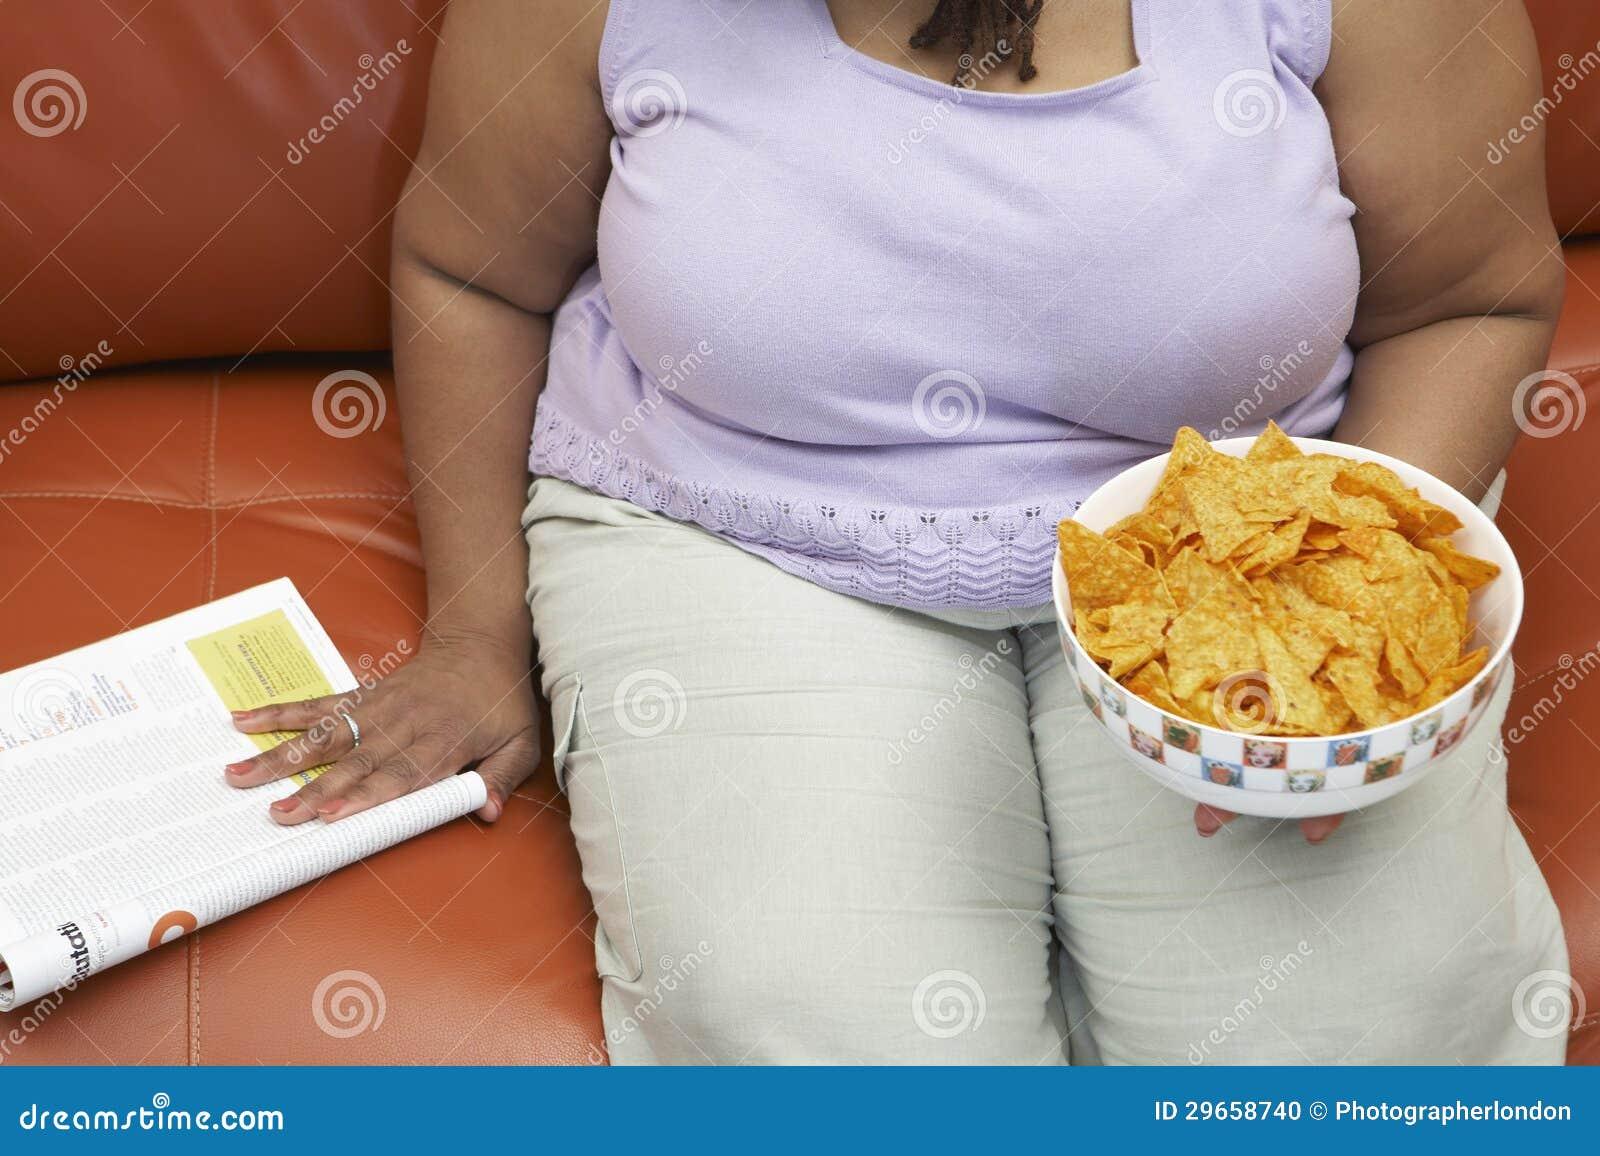 Как можно потолстеть быстро в домашних условиях